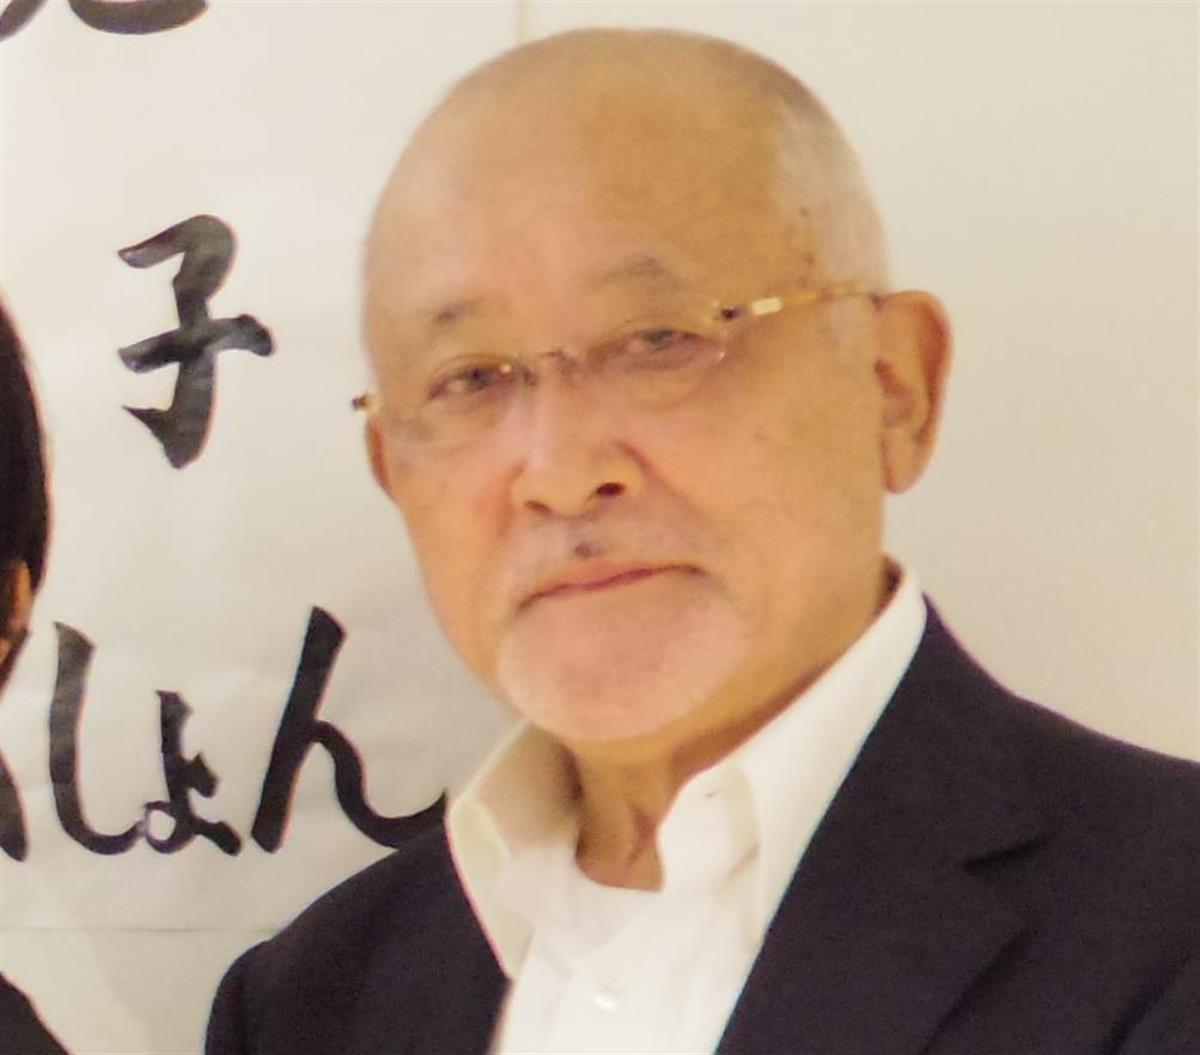 天までとどけ」俳優の綿引勝彦さん死去 - 産経ニュース